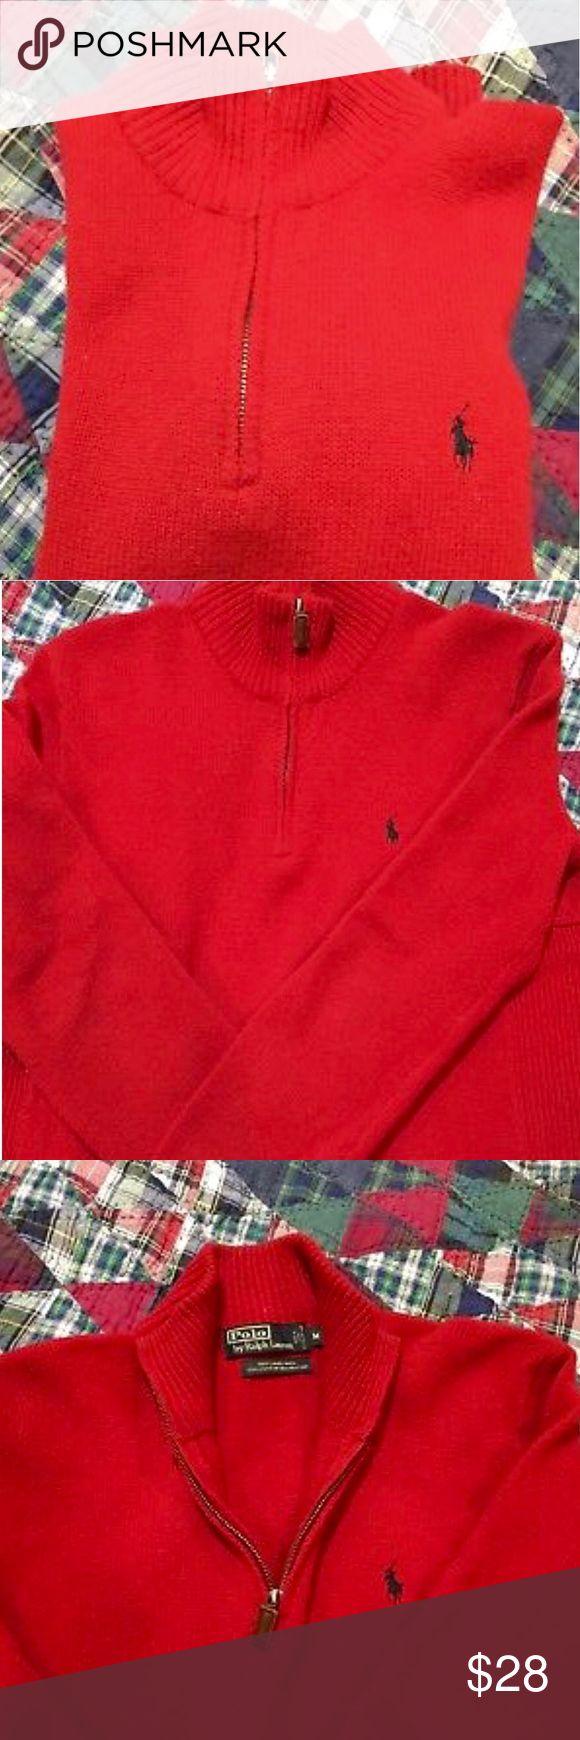 Polo Ralph Lauren 1/4 zip half zip sweater Polo Ralph Lauren 1/4 zip half zip in polo red size medium. PRICE IS FIRM!!! Polo by Ralph Lauren Sweaters